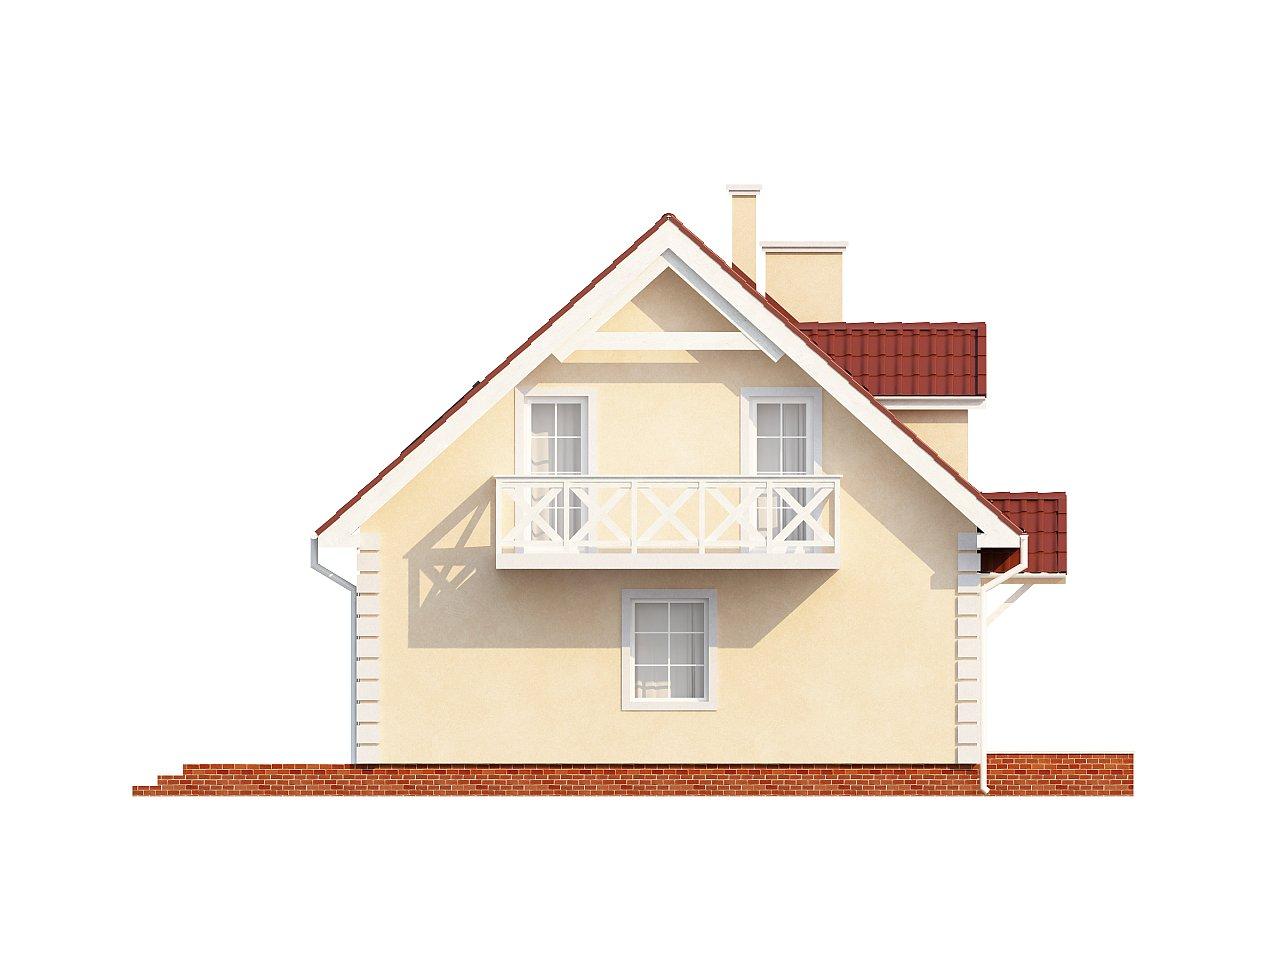 Компактный дом в традиционном стиле с двускатной крышей и красивыми мансардными окнами. - фото 7